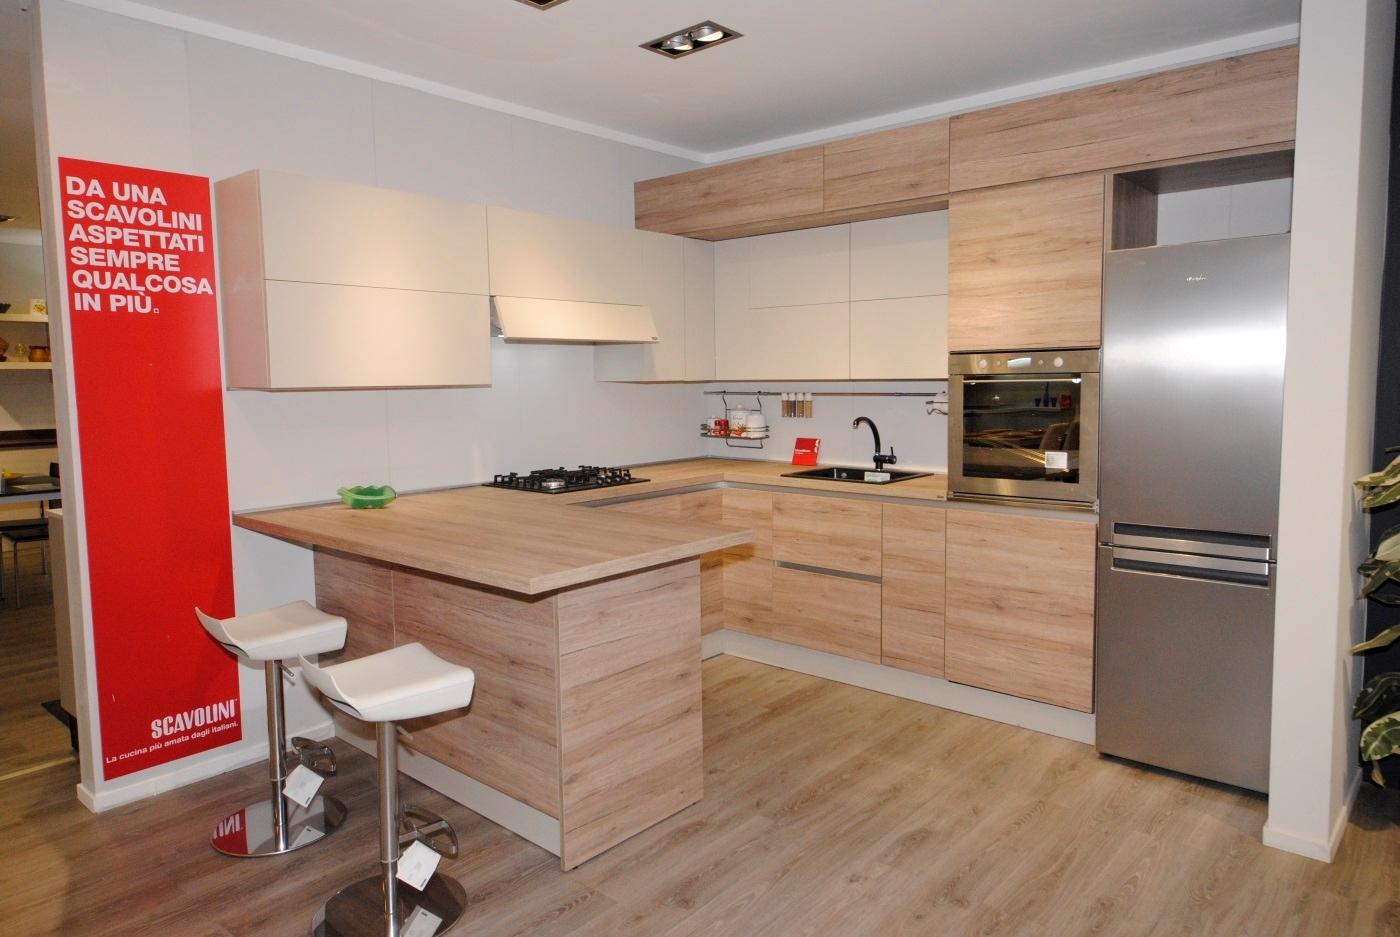 Cucina scavolini liberamente decorativo moderne cucine a - Cucine moderne prezzi scavolini ...